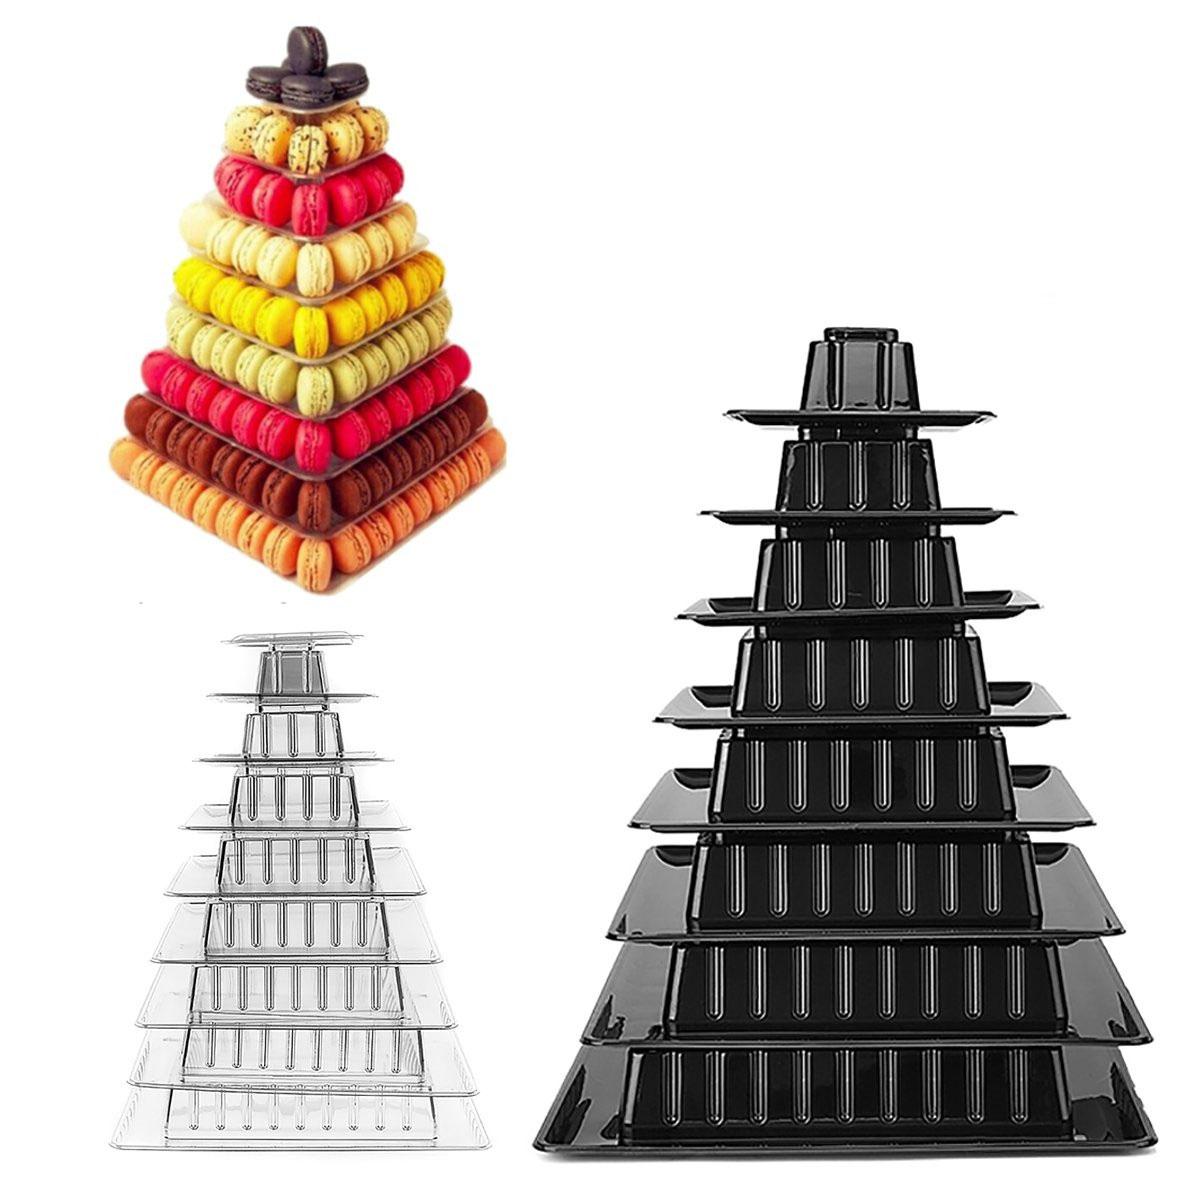 9 Tiers Macaron Tower Cake Stand Cupcake Holder День рождения Свадебное Декорации для вечеринок